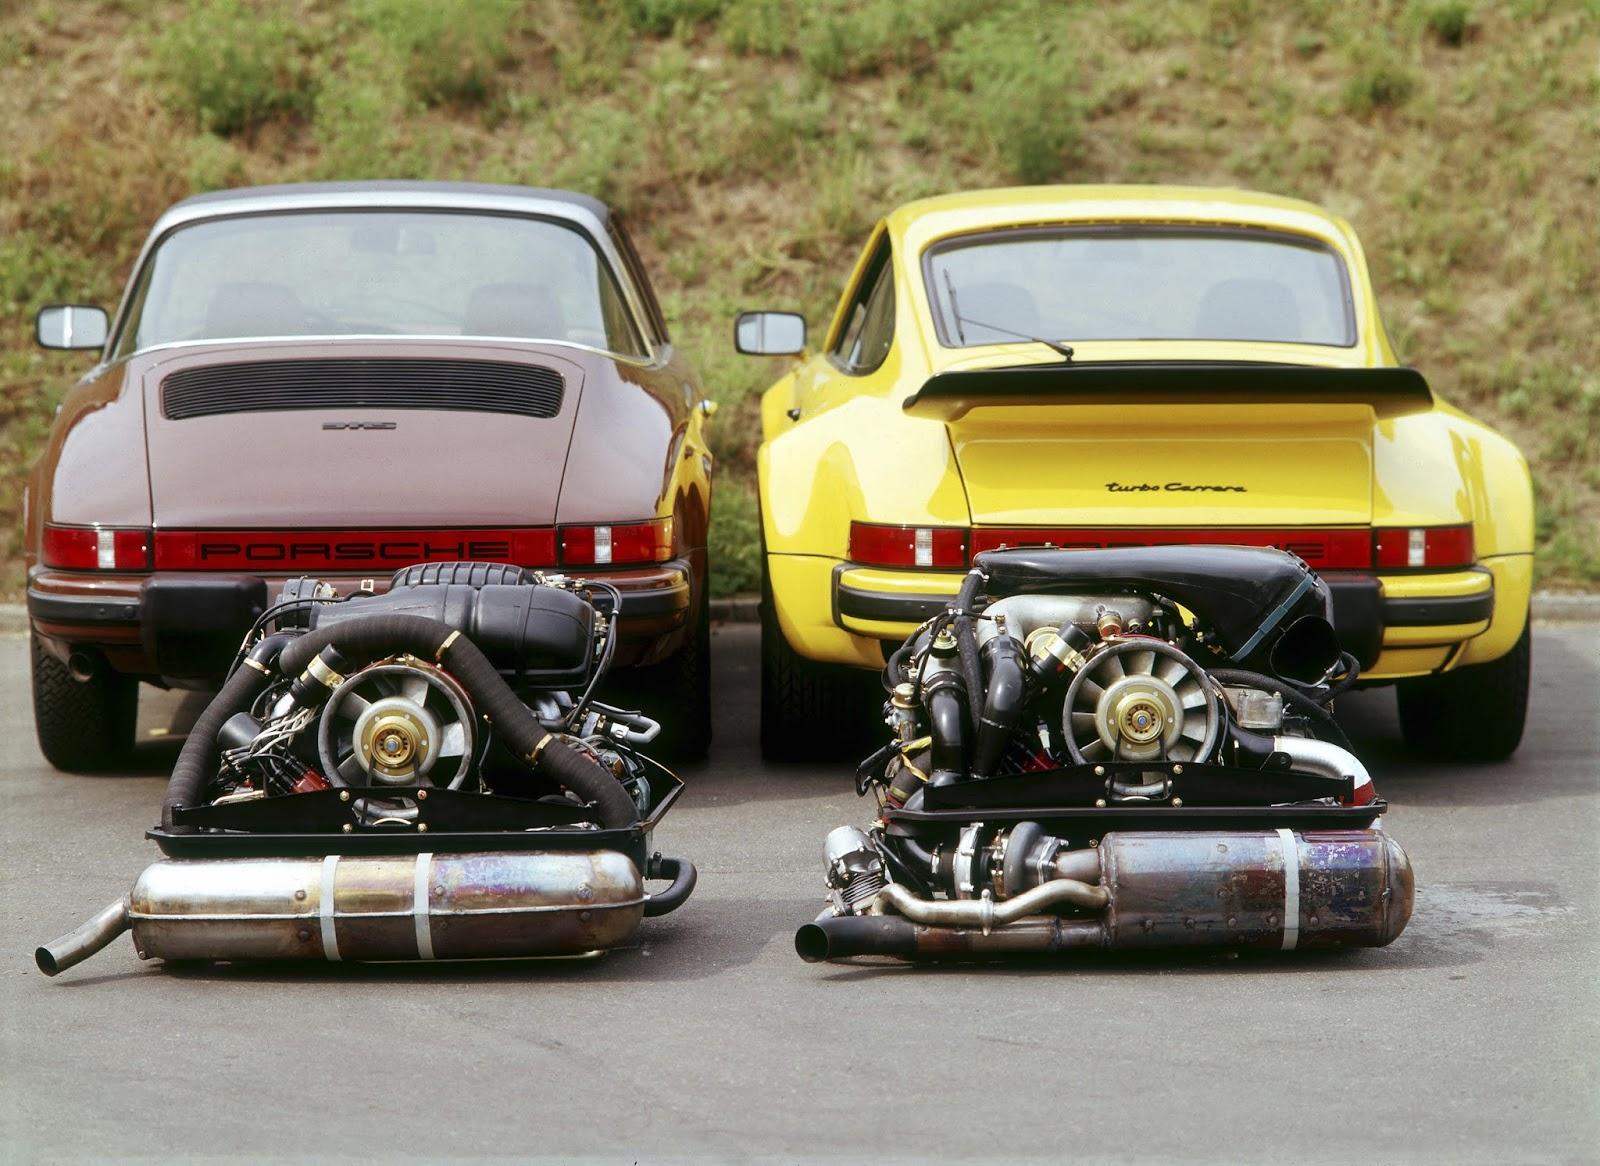 Parlons moteurs... Le légende passe aussi par eux. 187